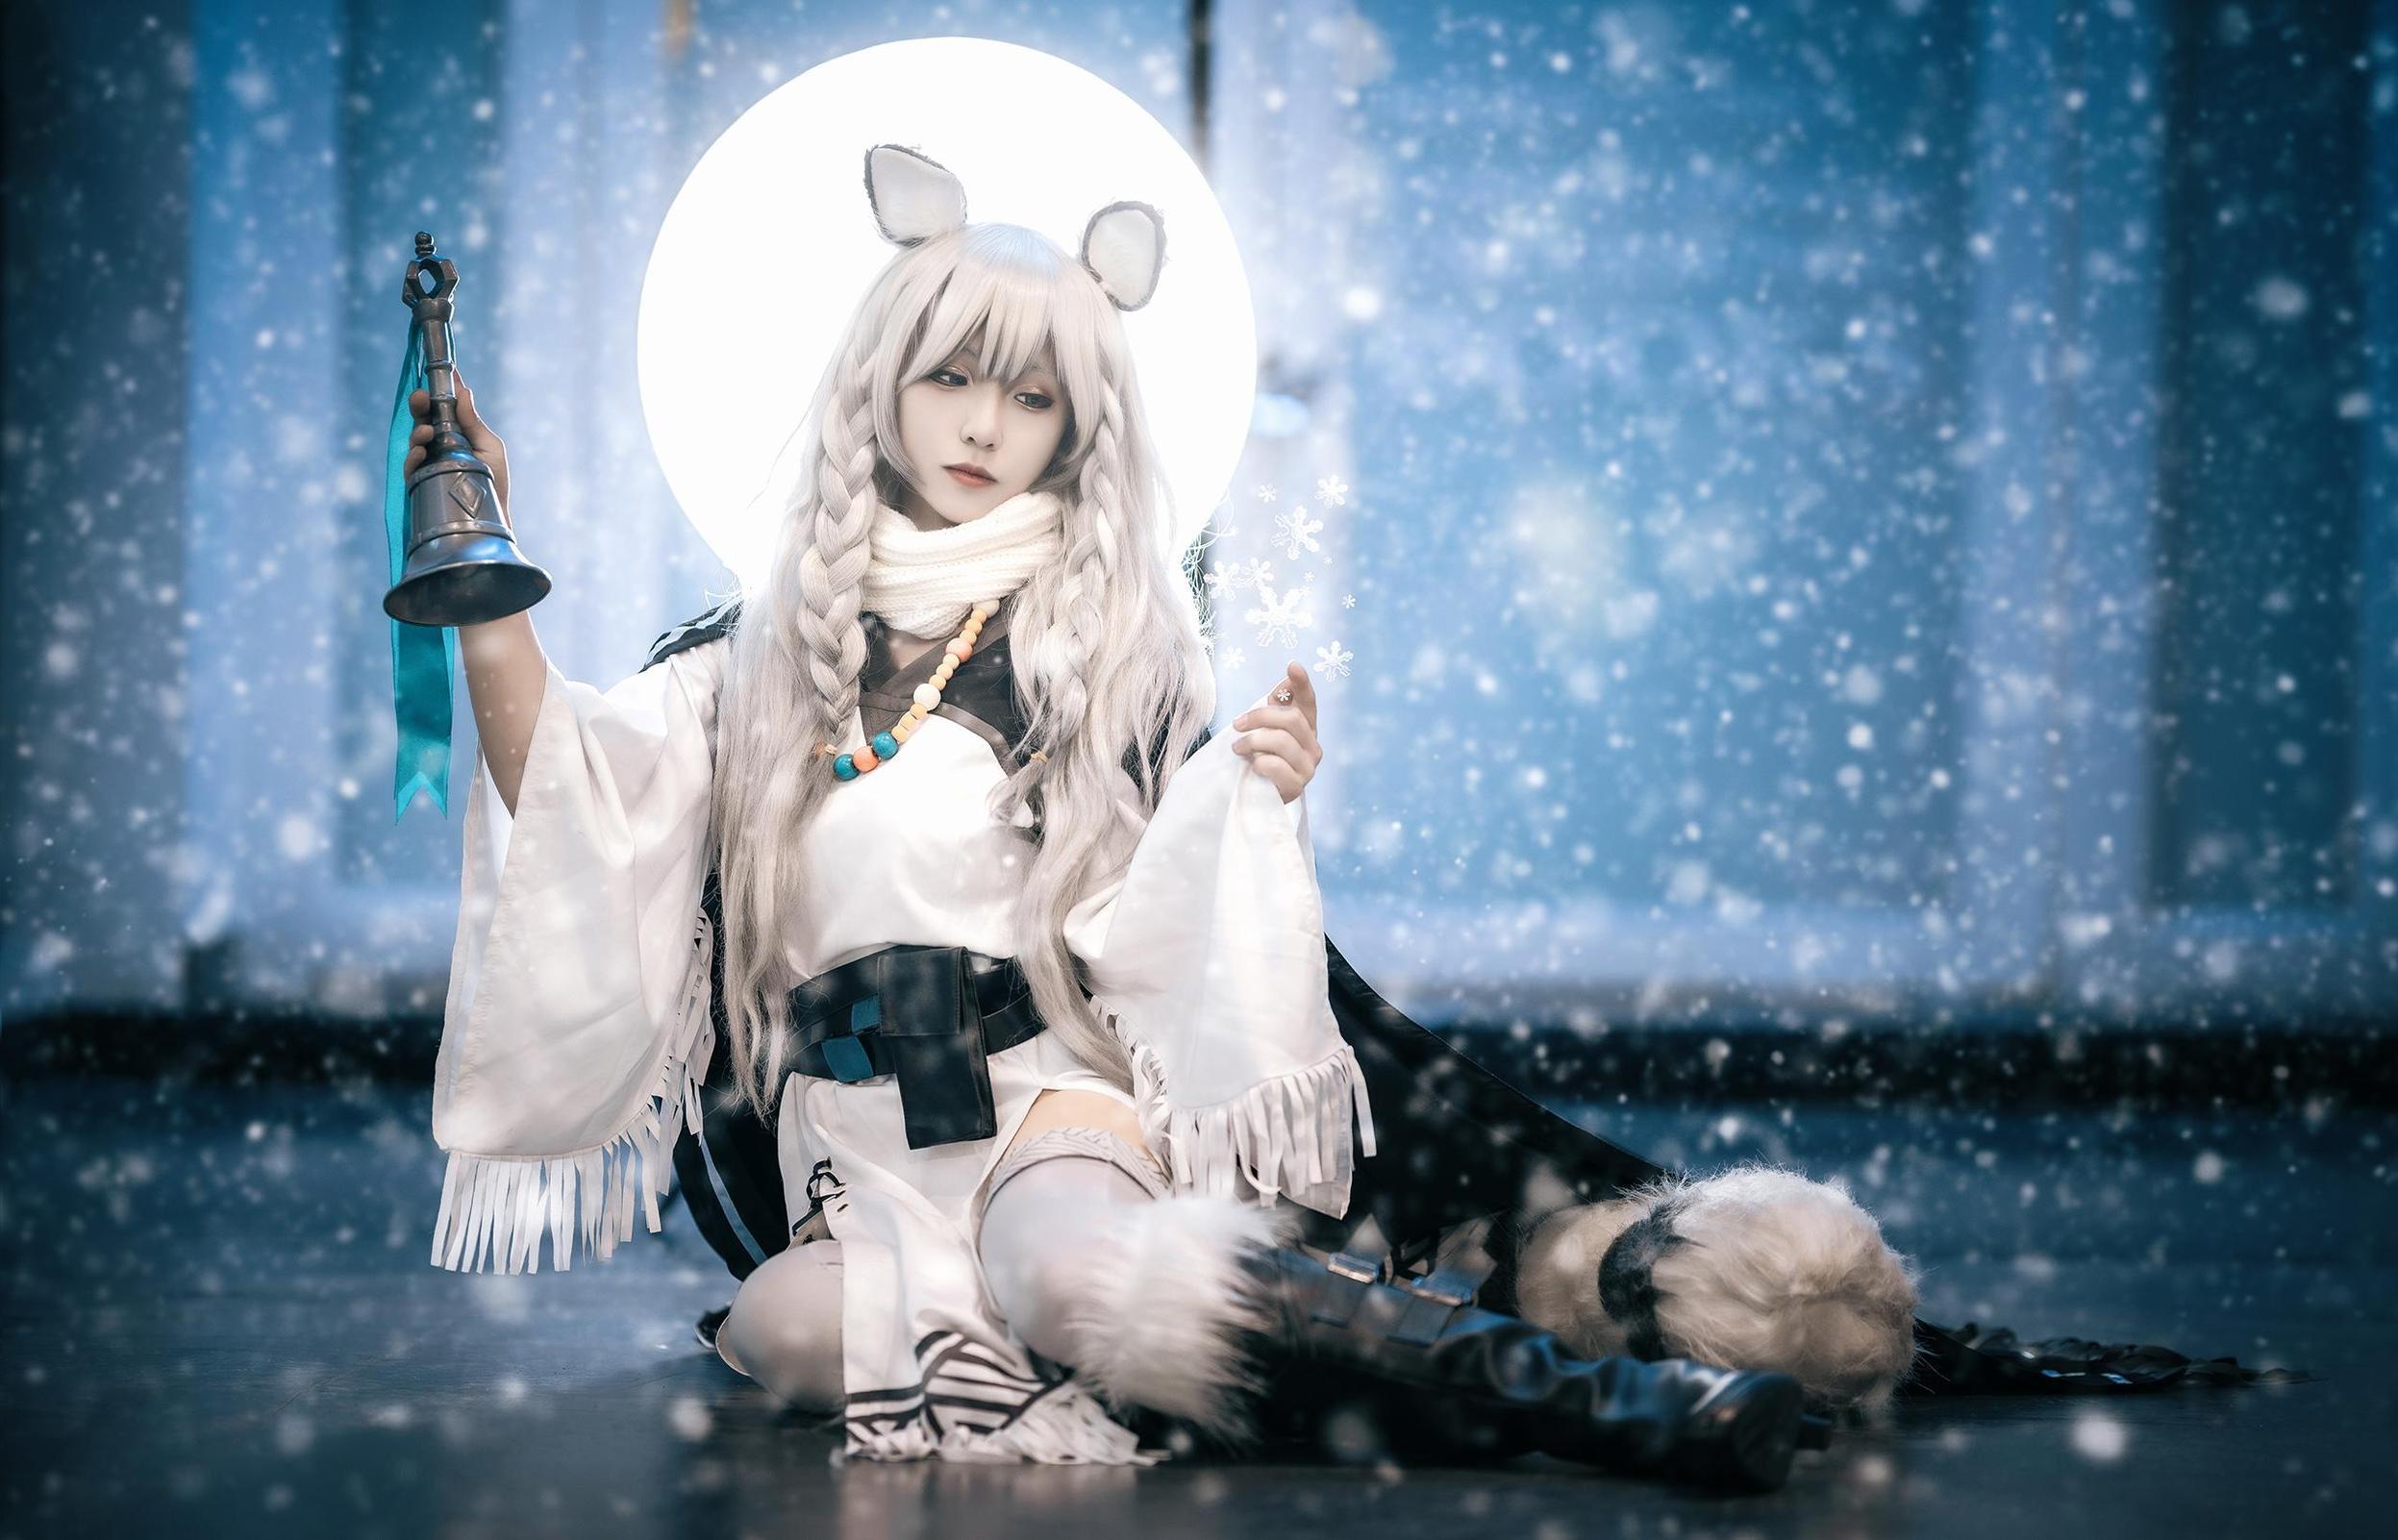 《明日方舟》漫展cosplay【CN:cn小艺】-第1张